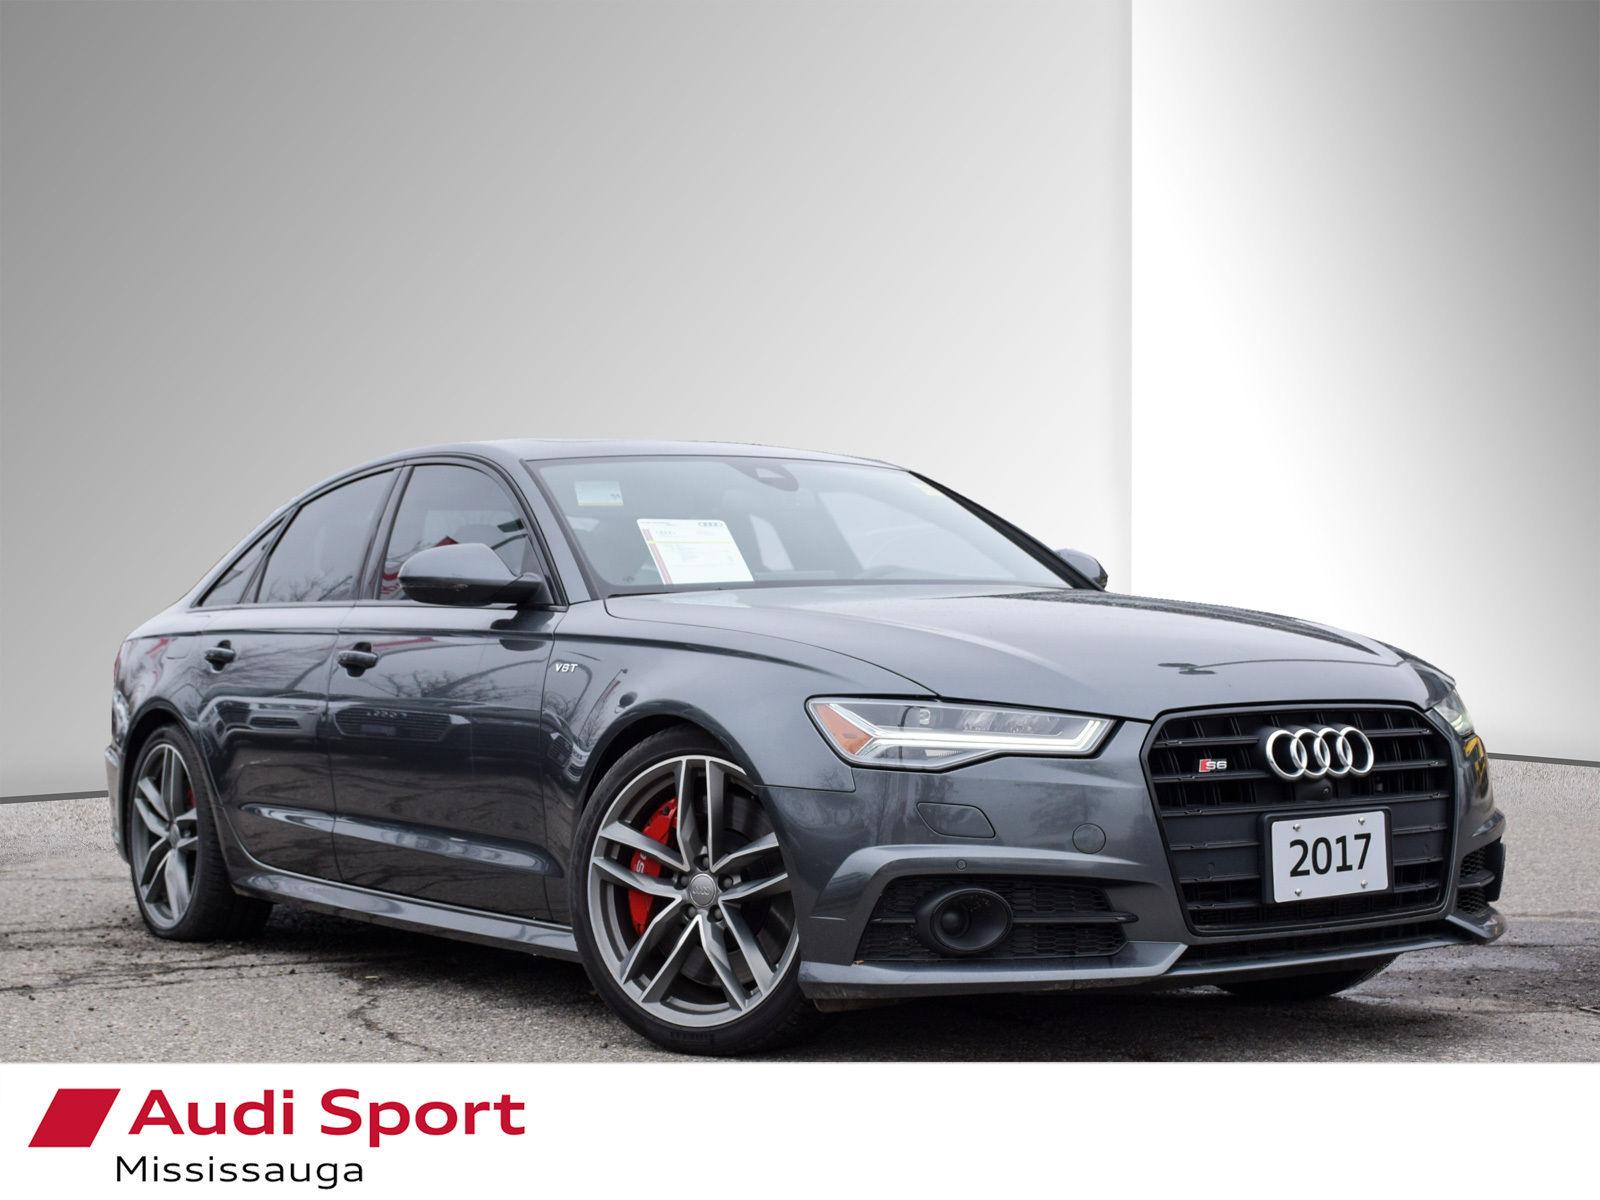 Kelebihan Kekurangan Audi S6 2017 Harga